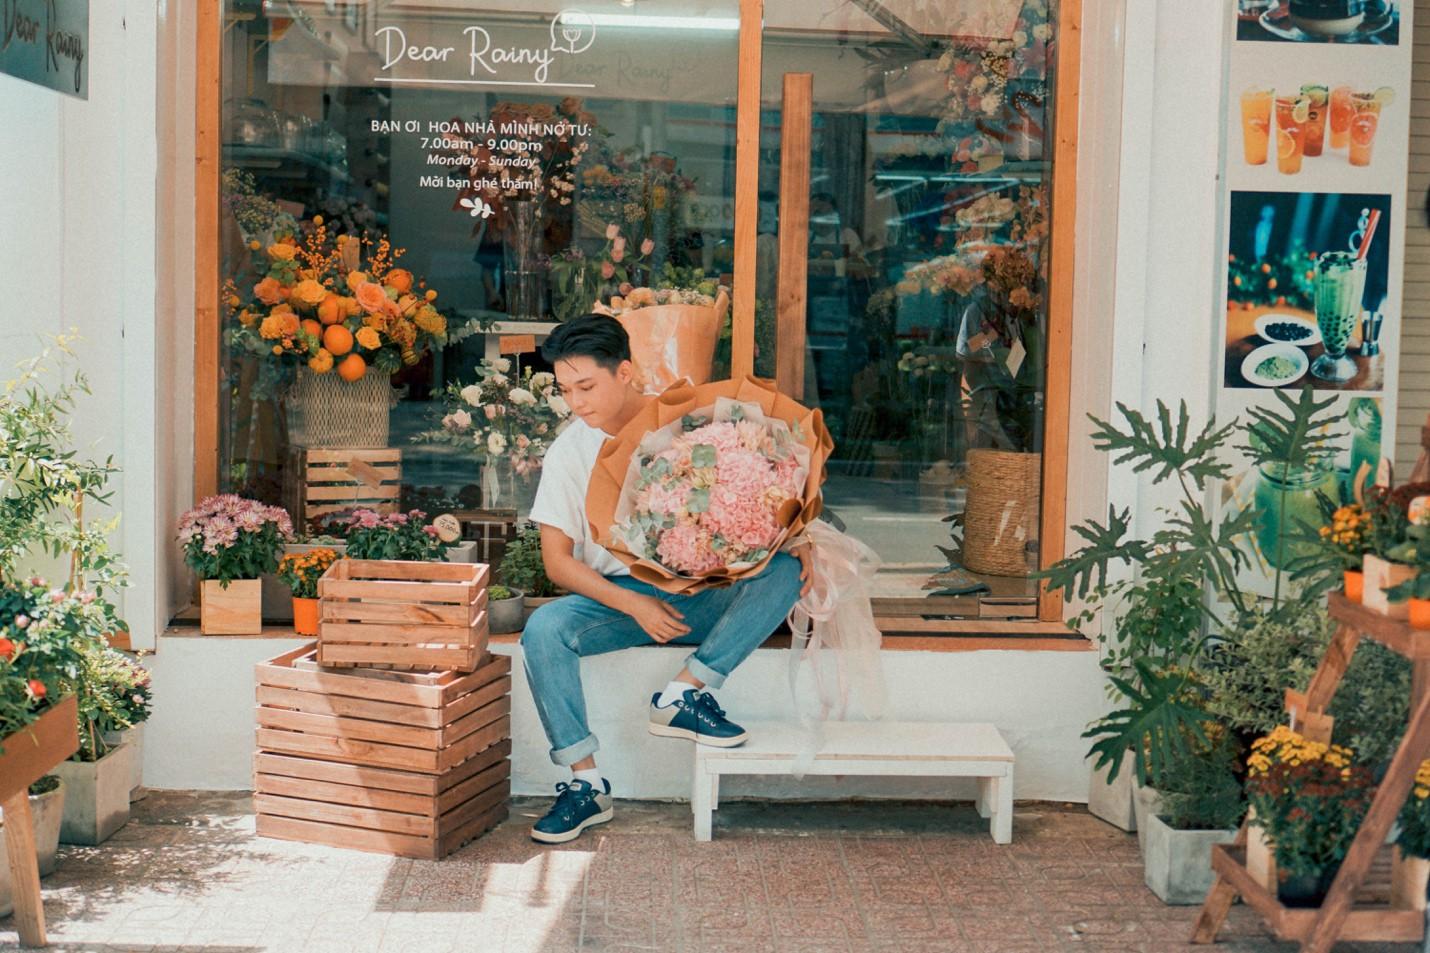 Tiệm hoa Dear Rainy: Mong các bạn tìm được chất liệu tô vẽ nét đáng yêu của cuộc sống - Ảnh 10.